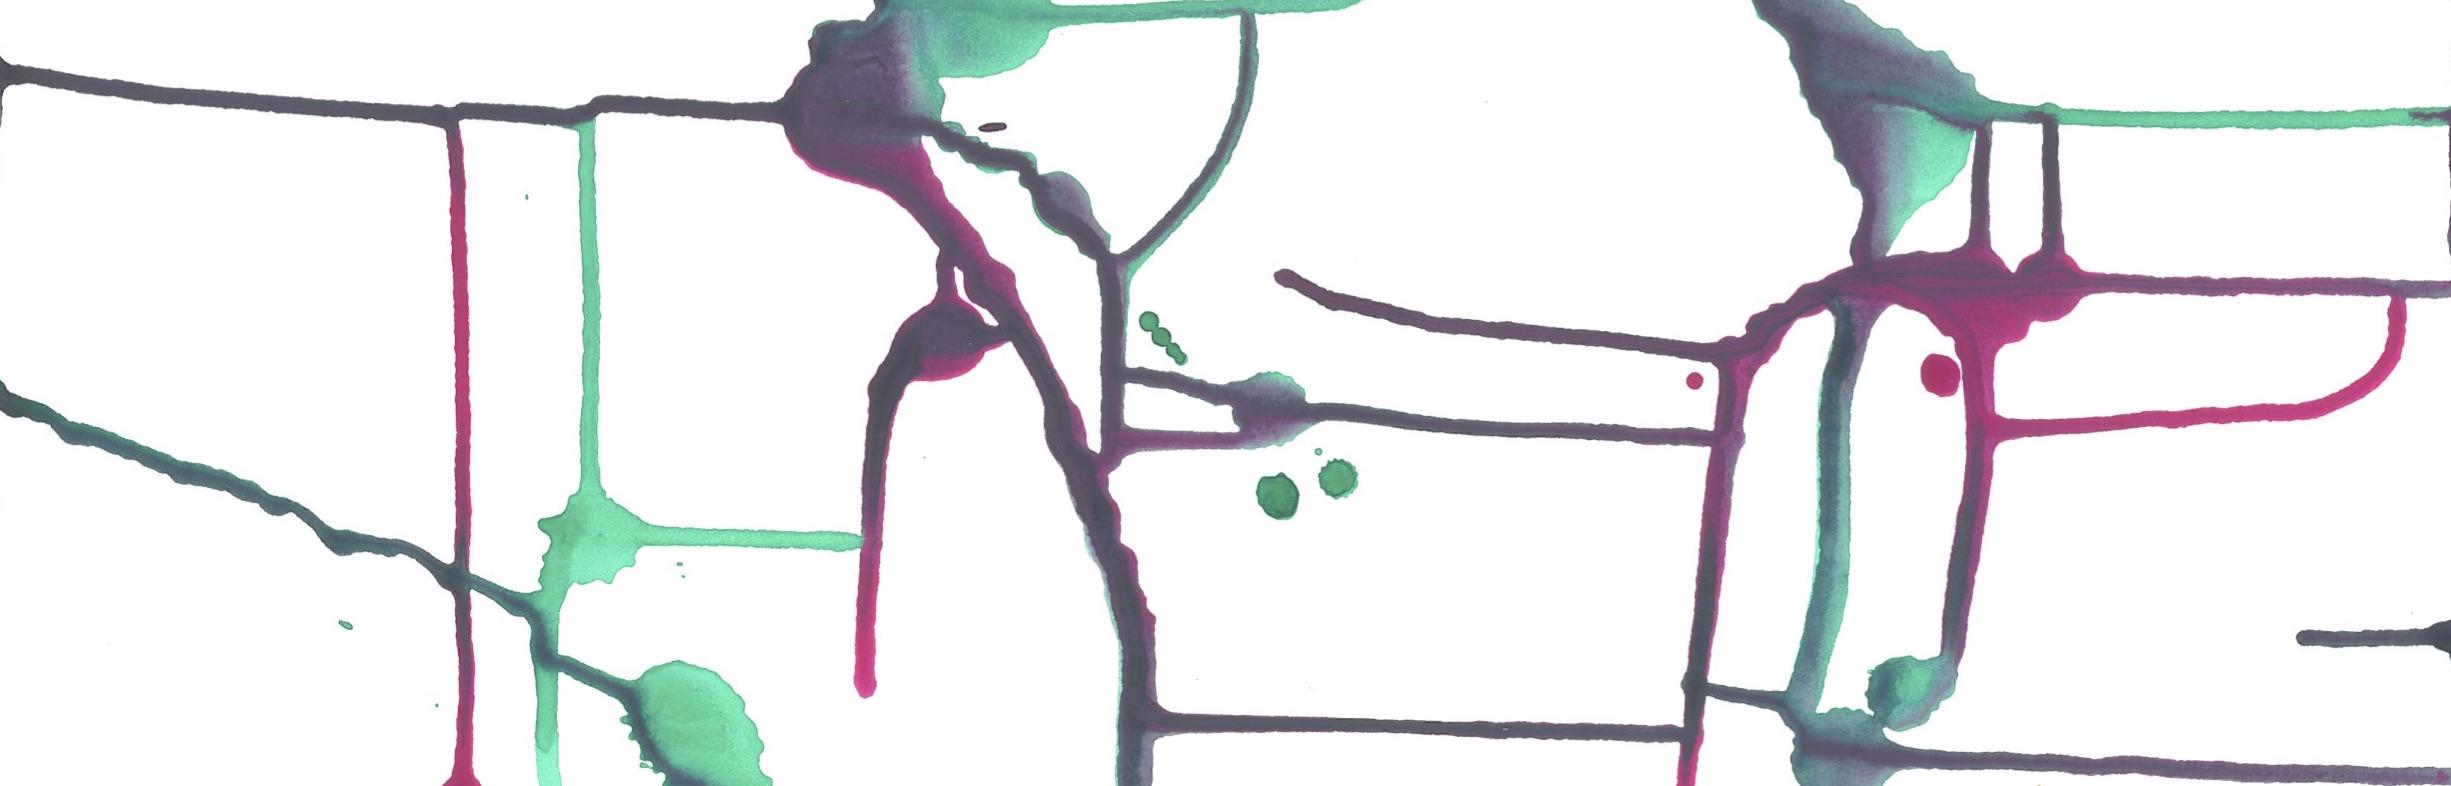 Hintergrund4_verlaufendeFarblinien_A3_quer (1)